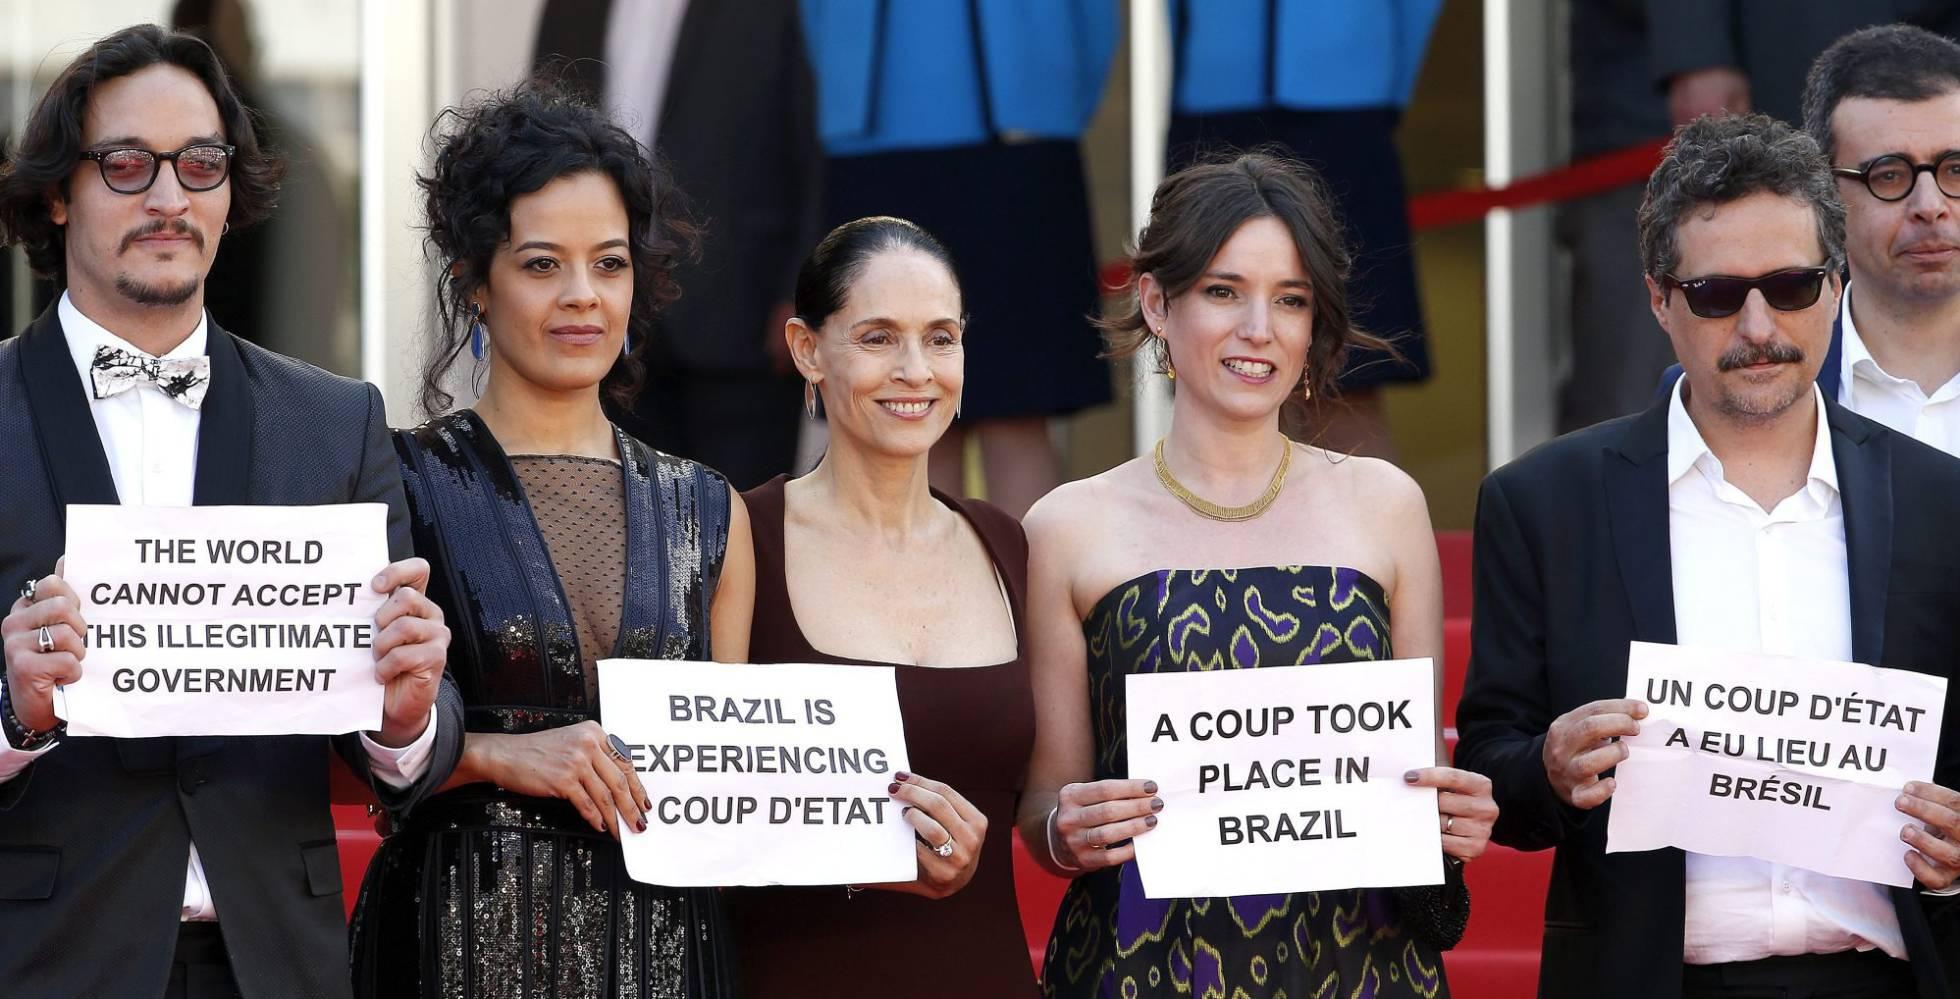 """Artistas protestam em Cannes contra """"golpe"""" no Brasil – Expresso AM"""